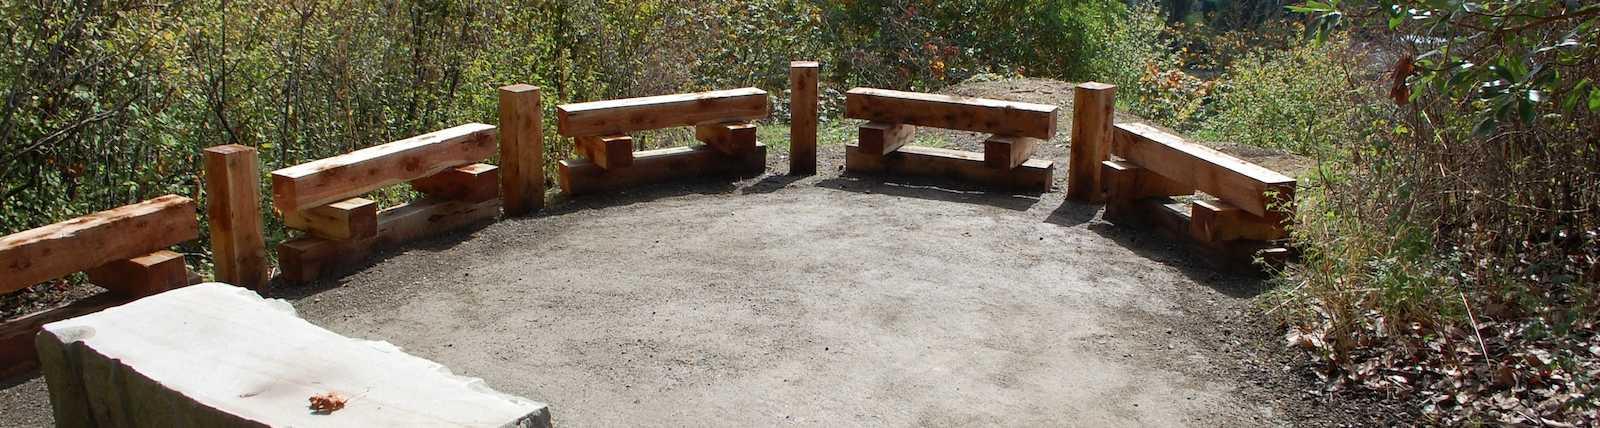 Duwamish Park